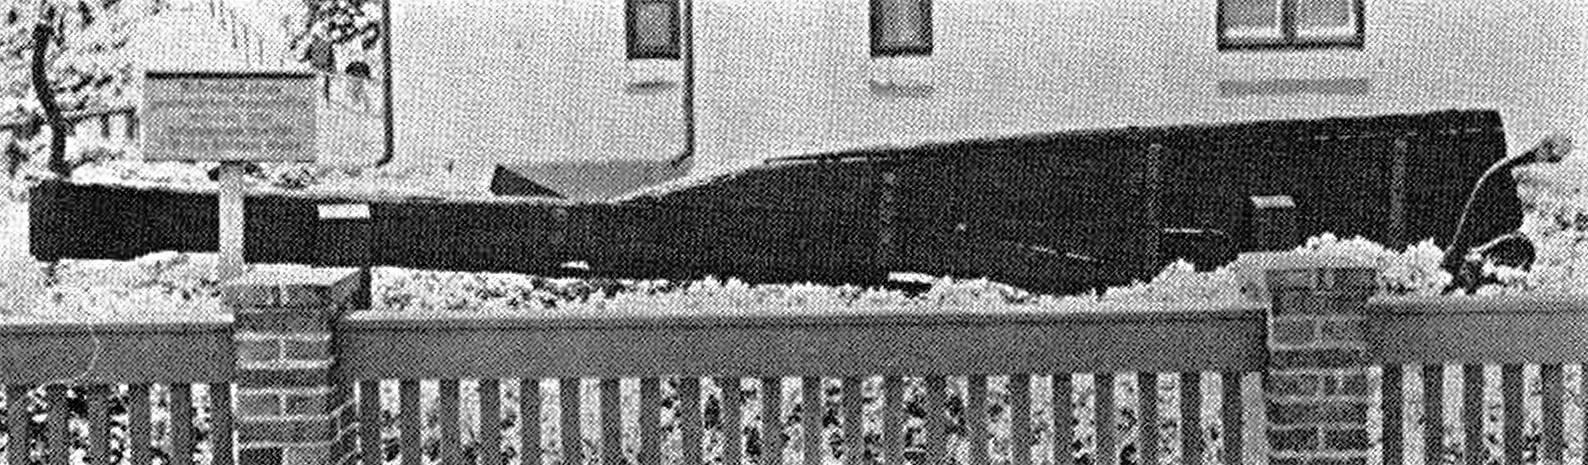 """Abb. 1 Gut 100 Jahre älter als die """"Theone"""" ist dieses Ruderblatt eines Segelschilis, das 1961 in der Nähe der nordfriesischen Insel Sylt aufgefunden wurde. Es befindet sich gegenwärtig im Vorgarten eines Dienstgebäudes der Hafenmeisterei Hörnum. Bemerkenswert sind die große Länge des Bauteils und die kurze, nach achtern gerichtete eiserne Ruderpinne, an welcher die Steuerleinen über 2 Schäkel angreifen."""